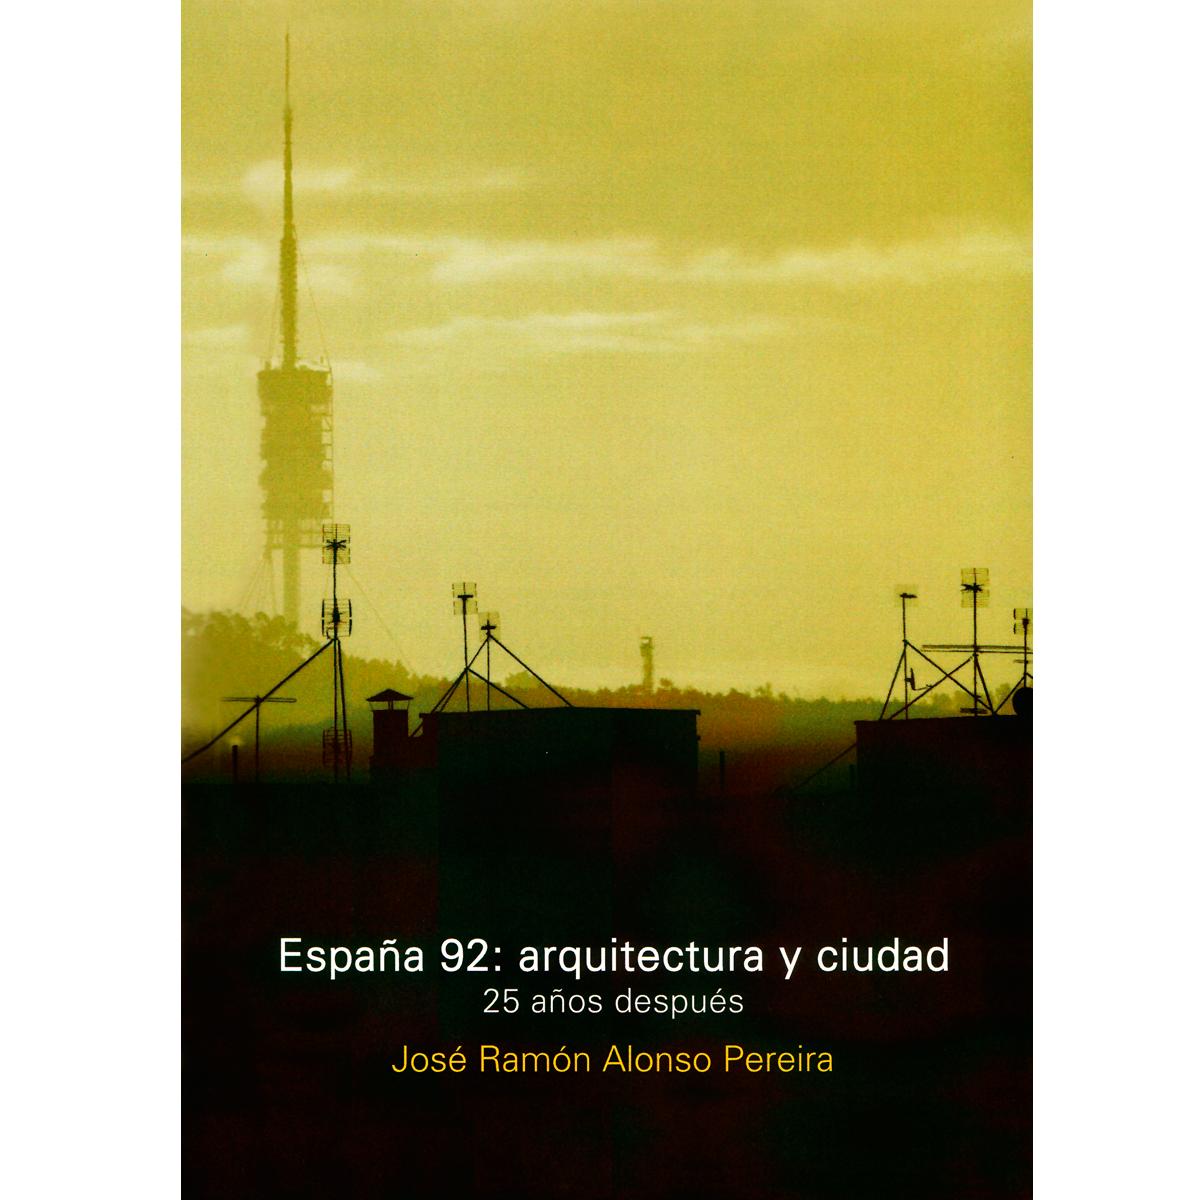 España 92: arquitectura y ciudad